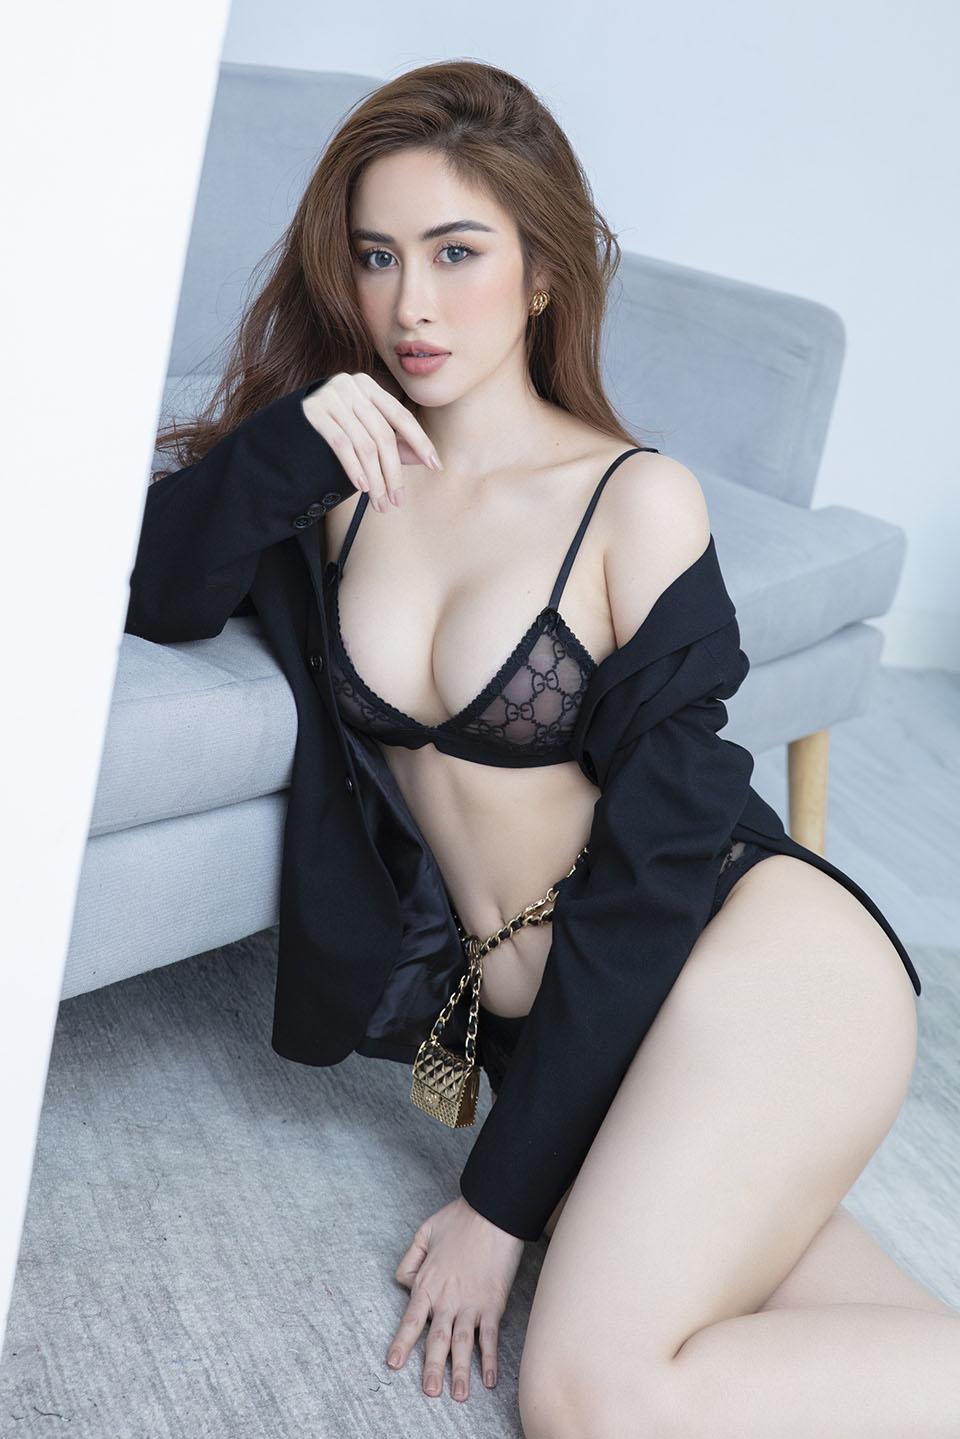 Hoa hậu quê Bạc Liêu khoe body nóng bỏng - 10